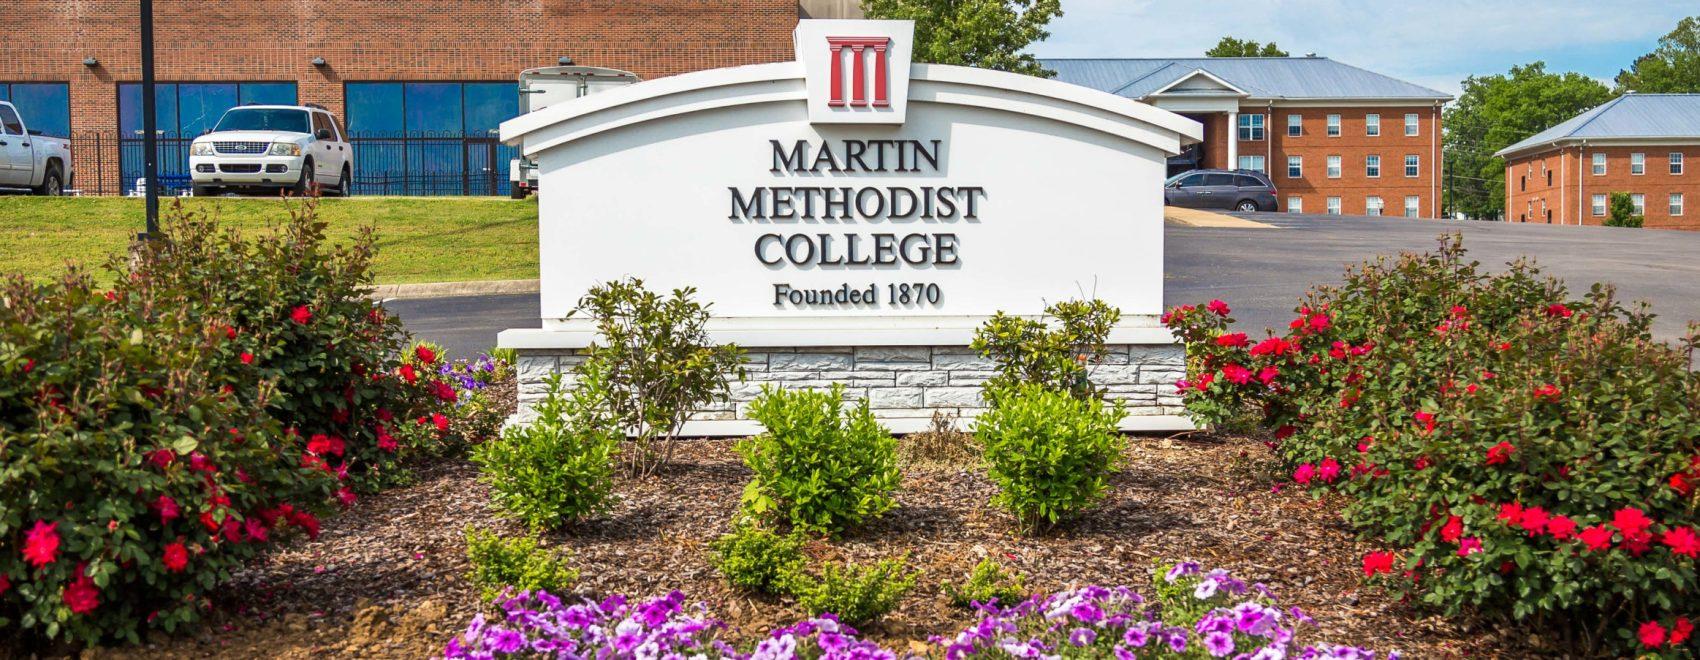 Martin Methodist